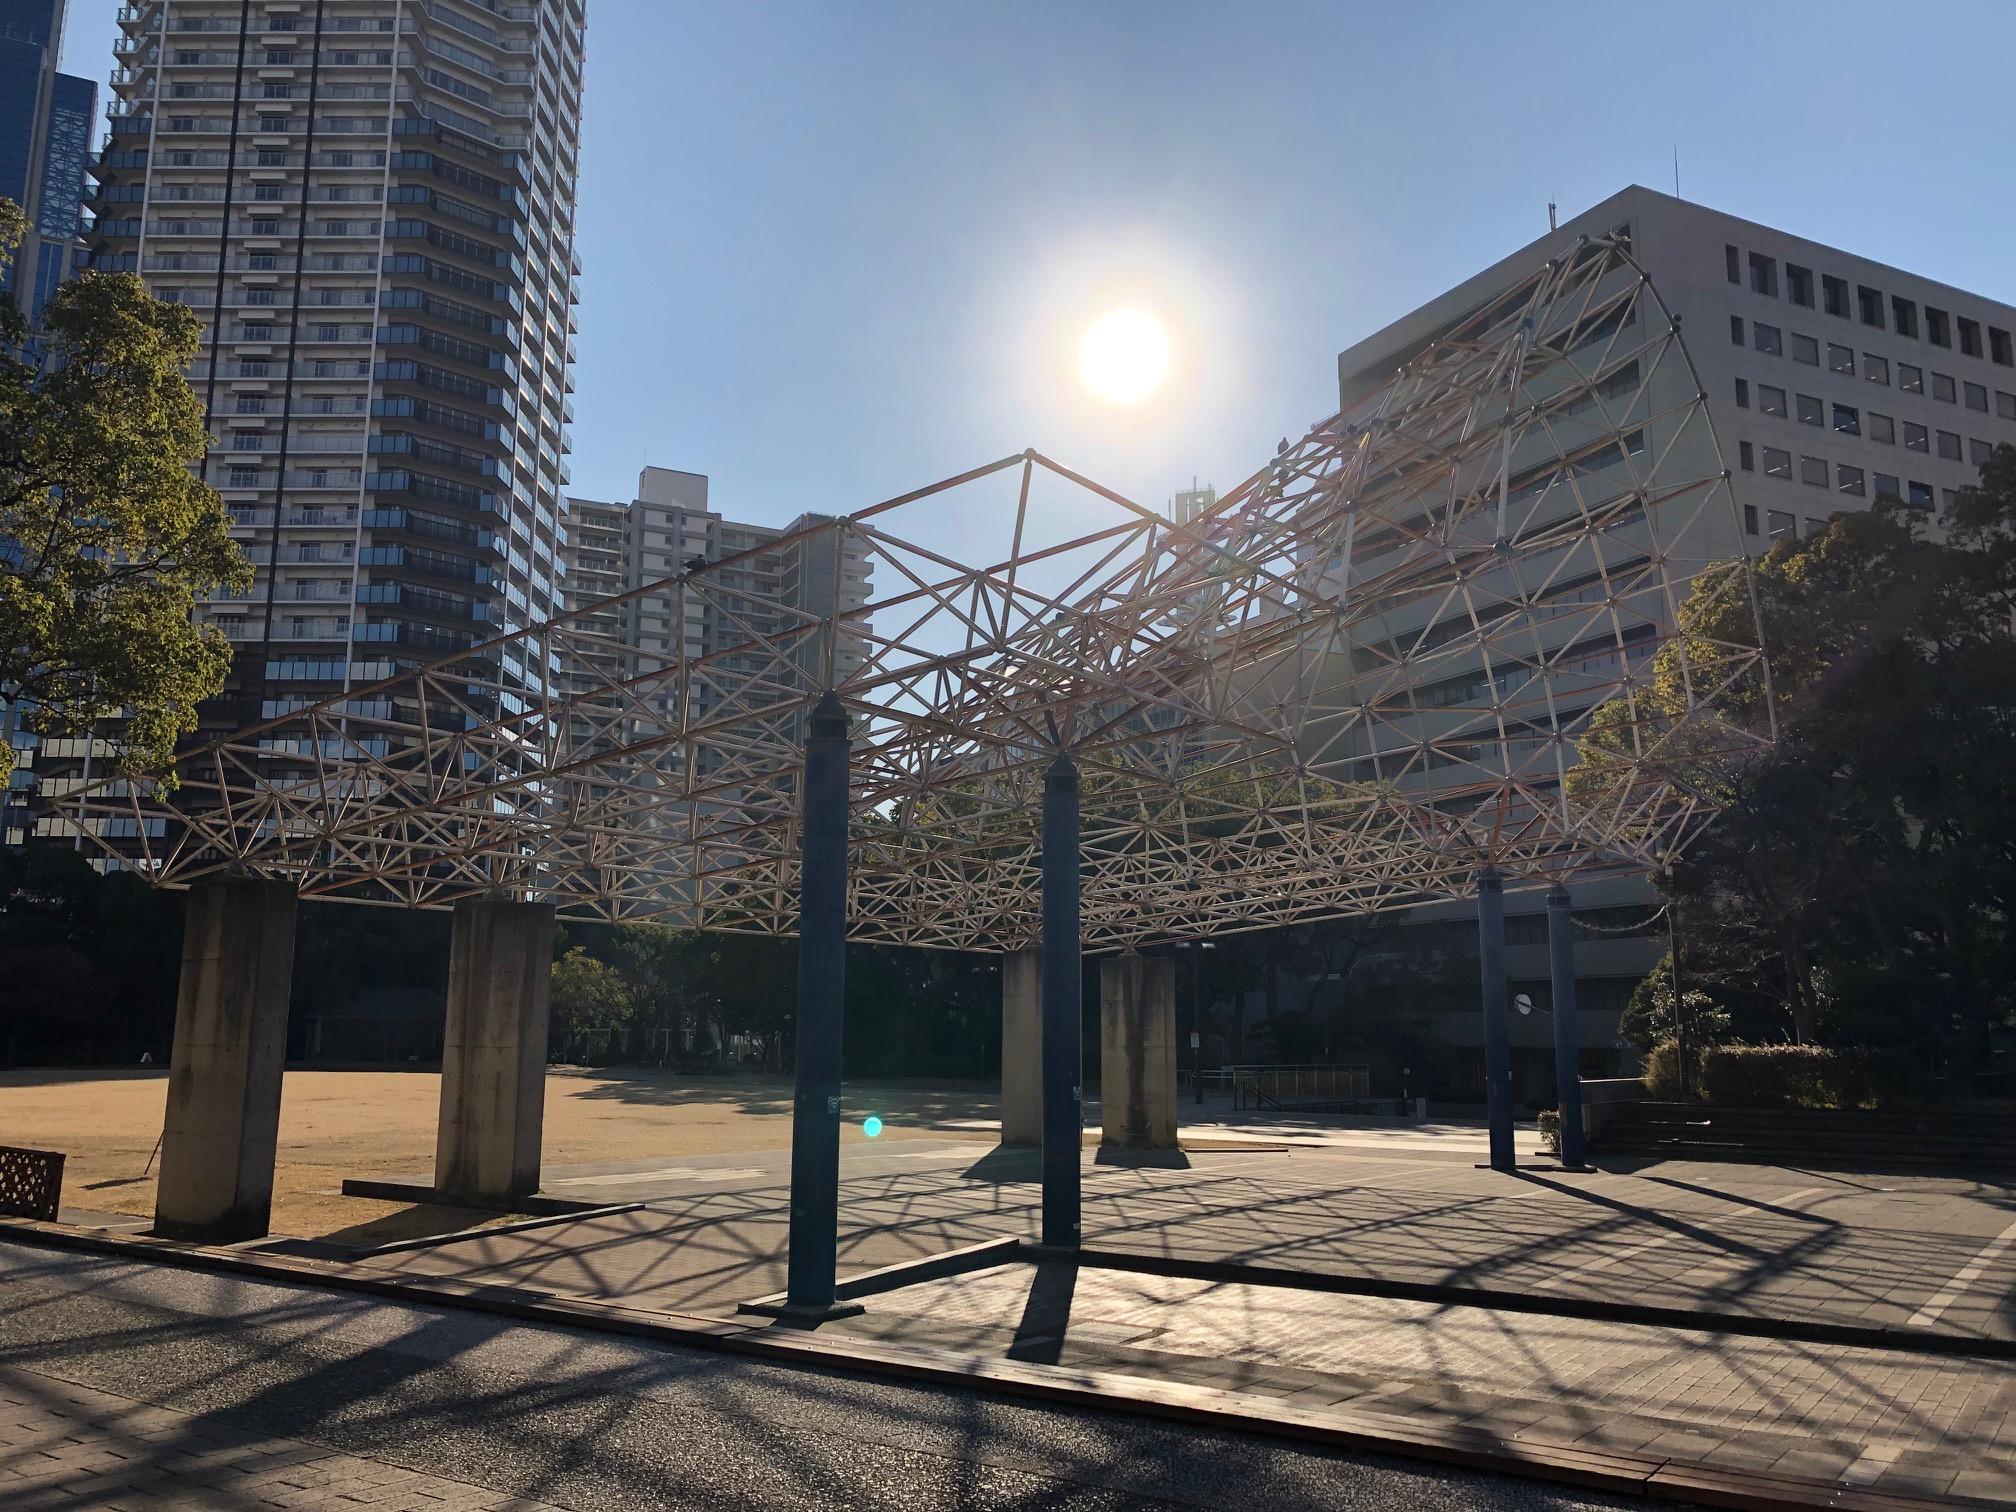 「芝生ひろば」の予定地にある、アーケードのようなオブジェは、公園のリニューアルに伴い取り壊される。